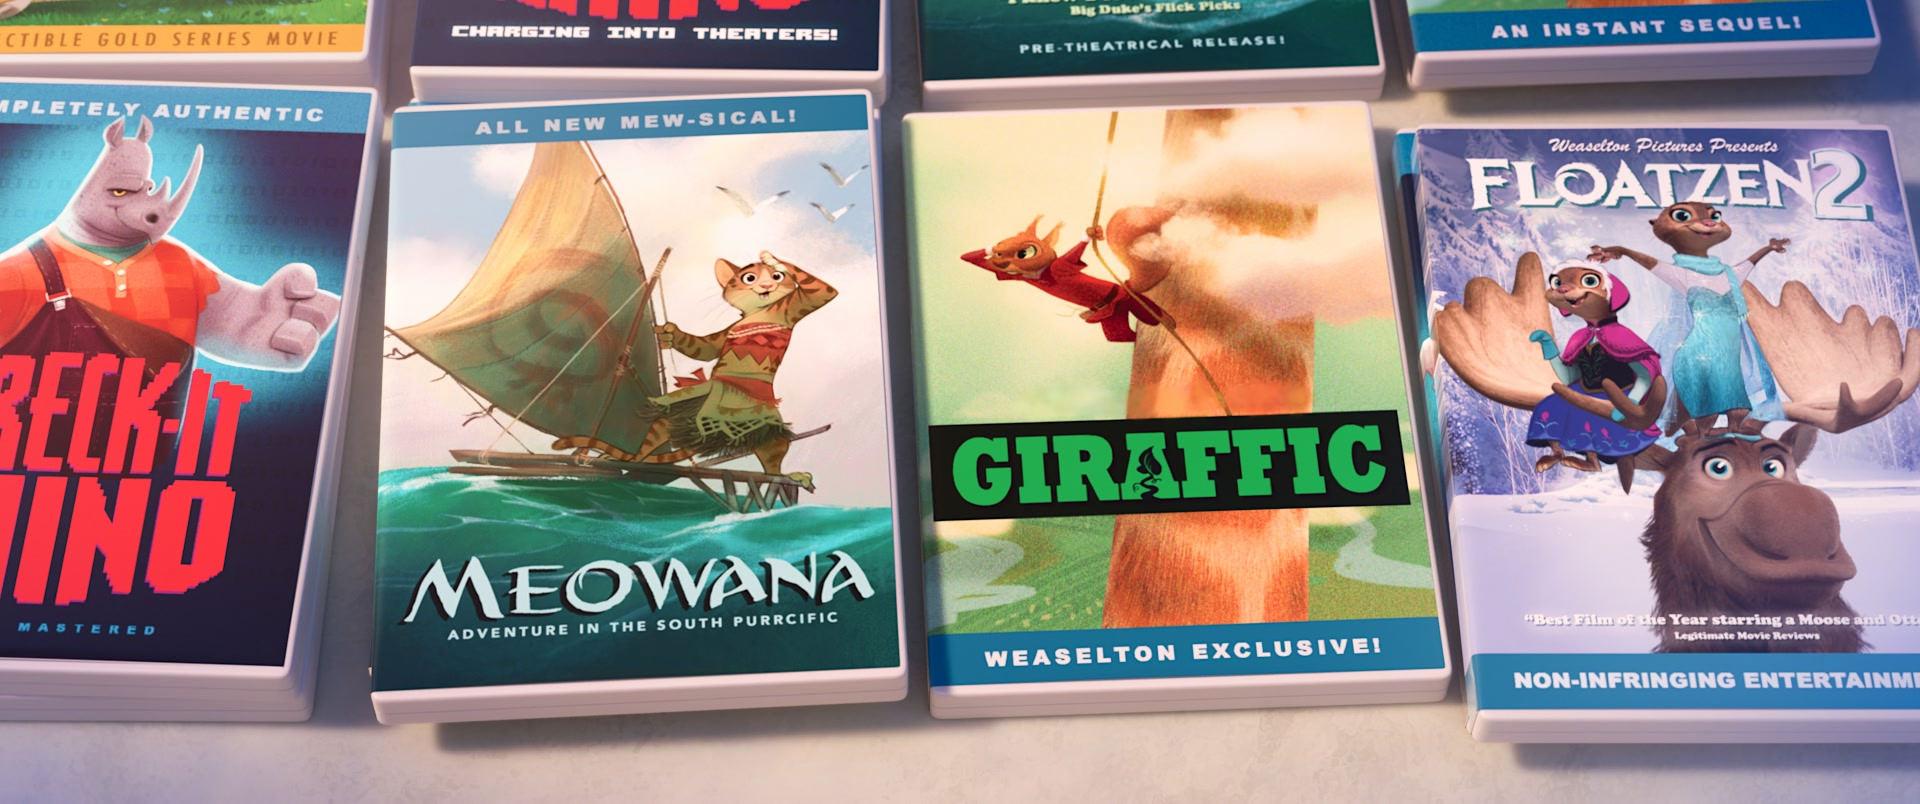 ZOOTOPIA –Easter Eggs: Weaselton Bootleg DVDs of MEOWANA, GIRAFFIC, FLOATZEN 2. ©2016 Disney. All Rights Reserved.